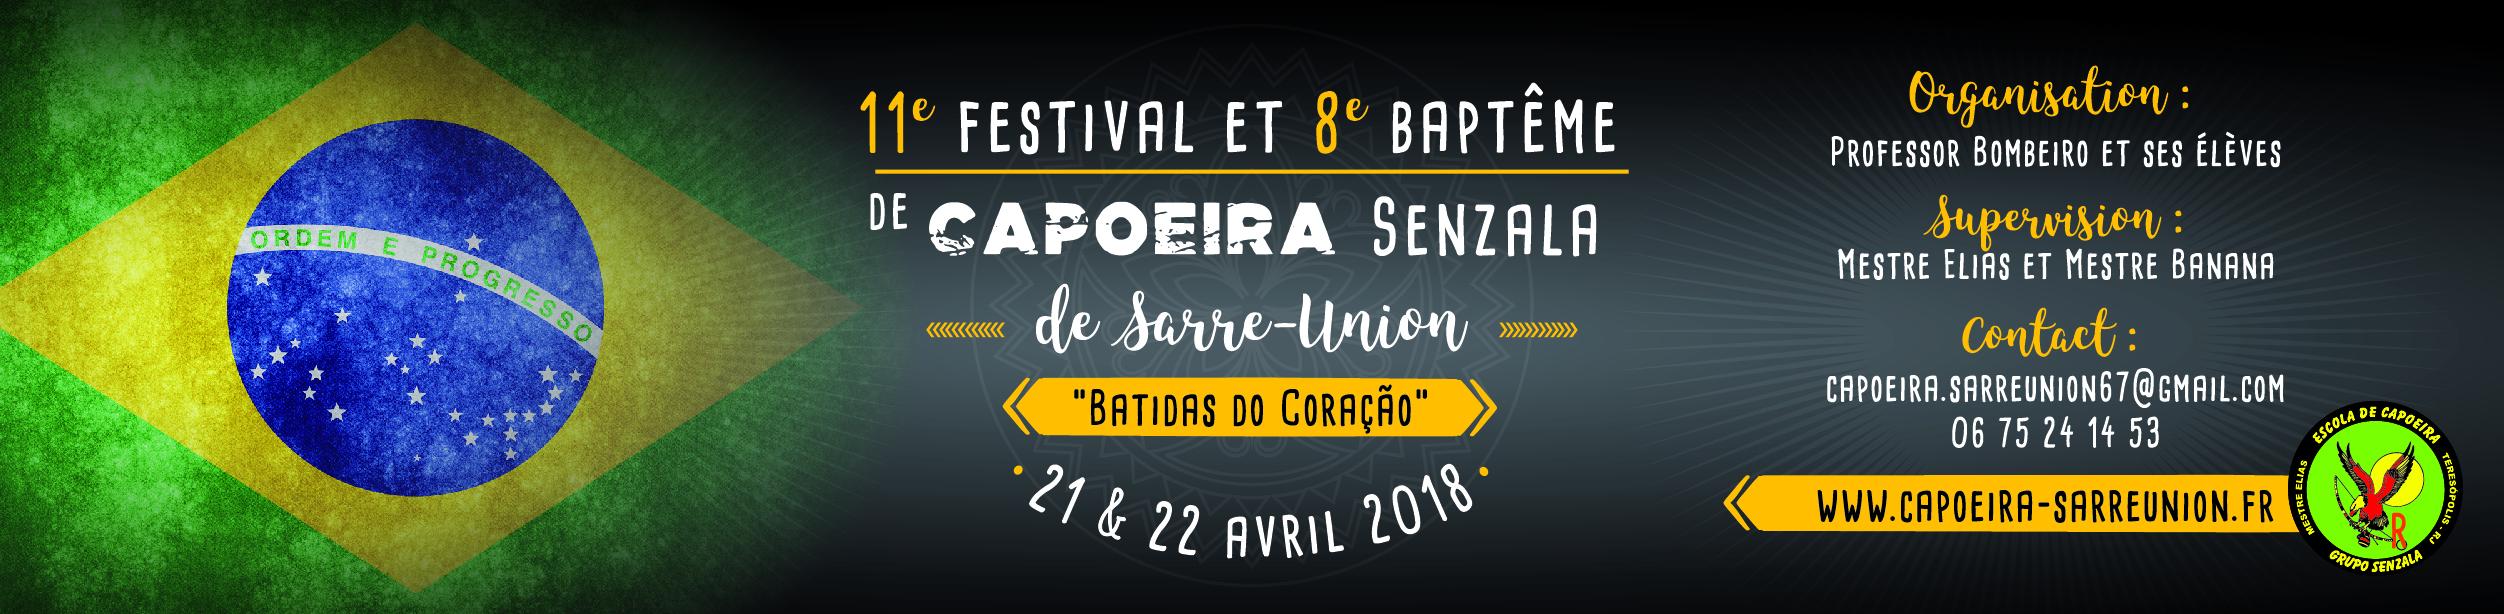 festival capoeira 2018